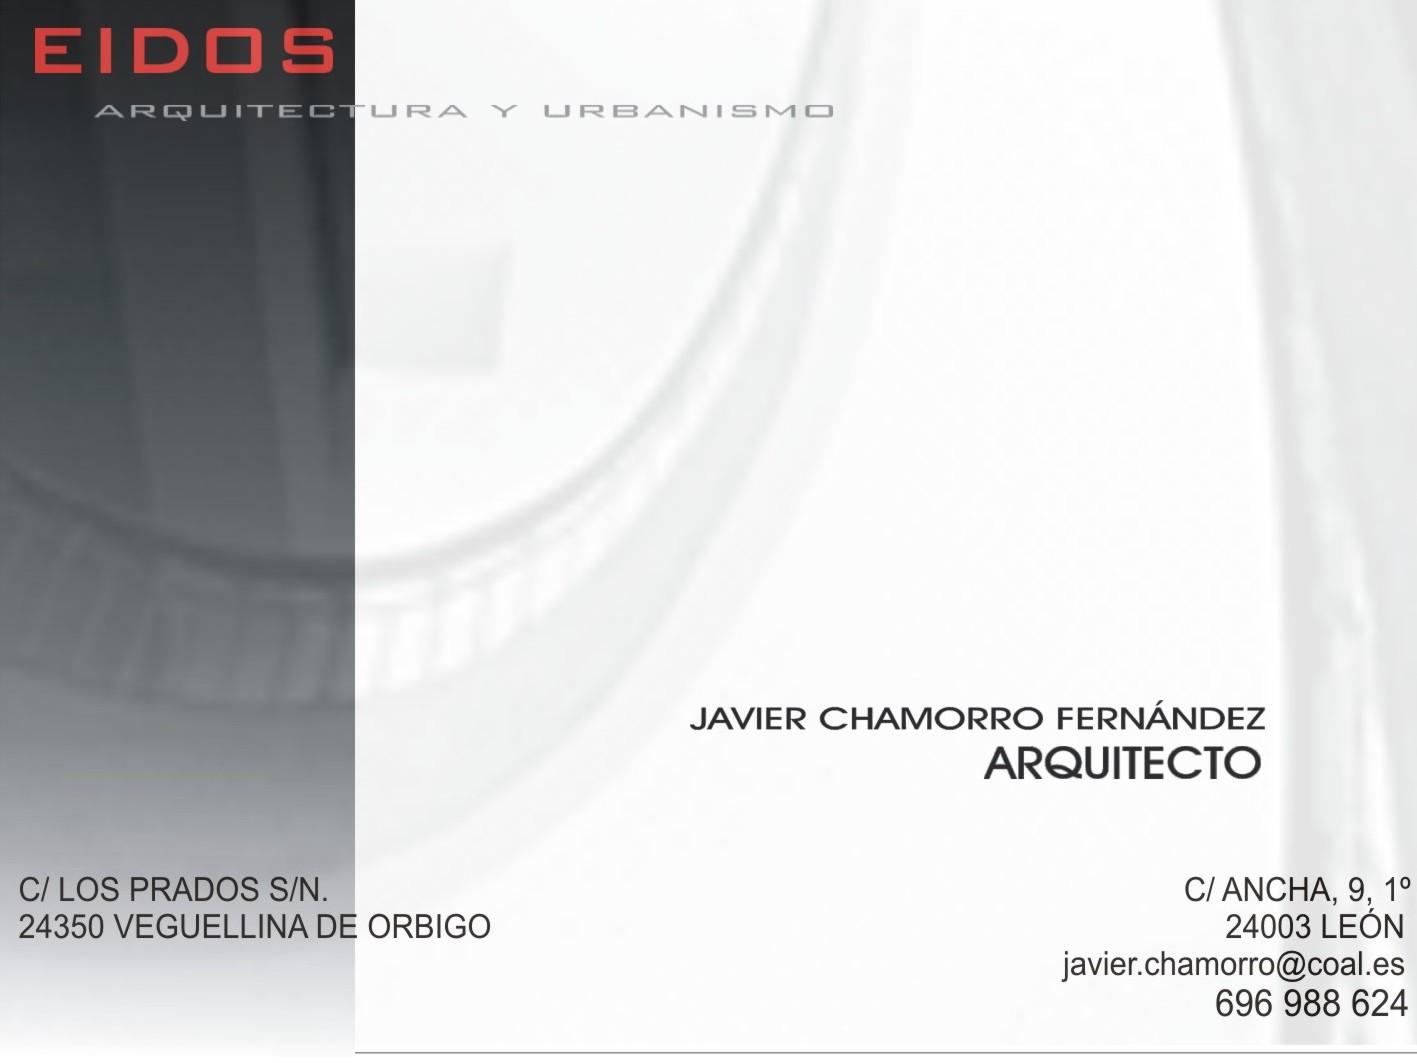 Javier Chamorro Fernández. Arquitecto